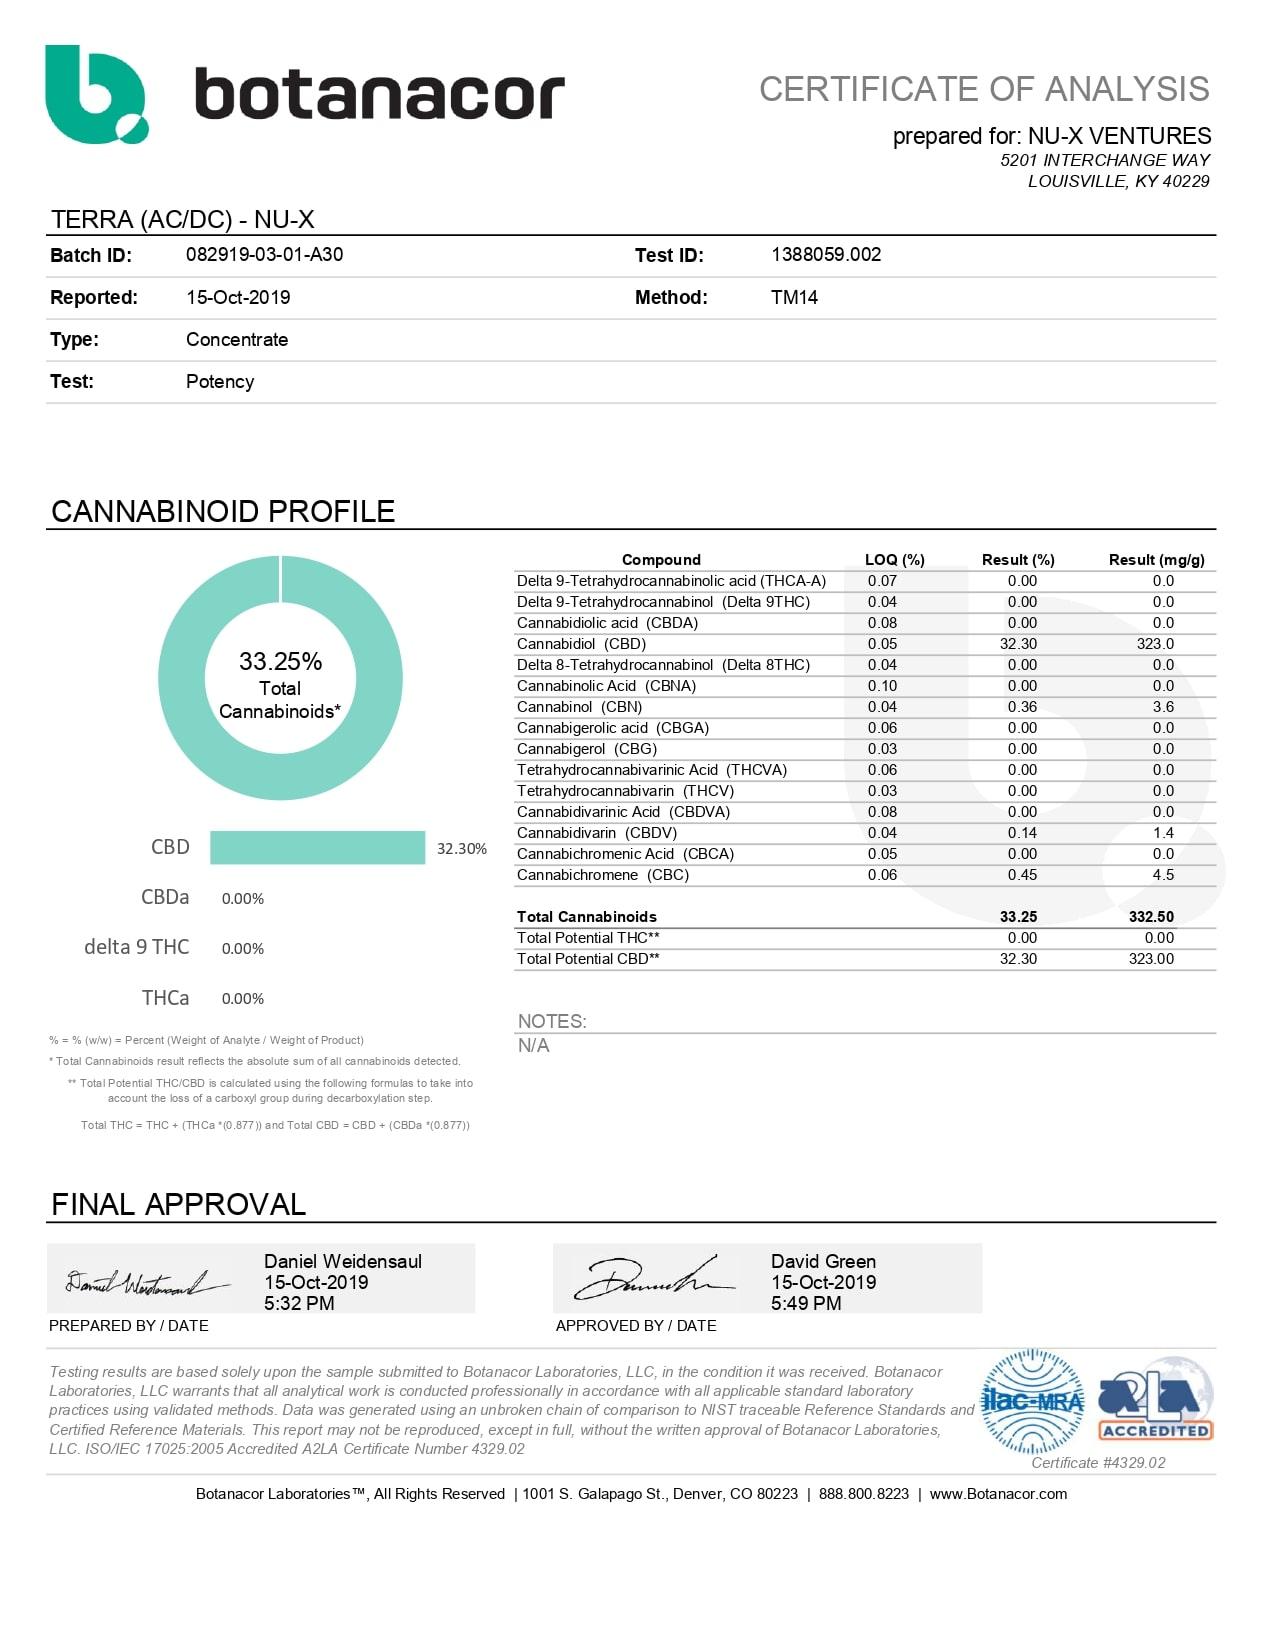 NU-X CBD eLiquid Concentrate Lab Report | Sativa AC/DC - Terra 3000mg